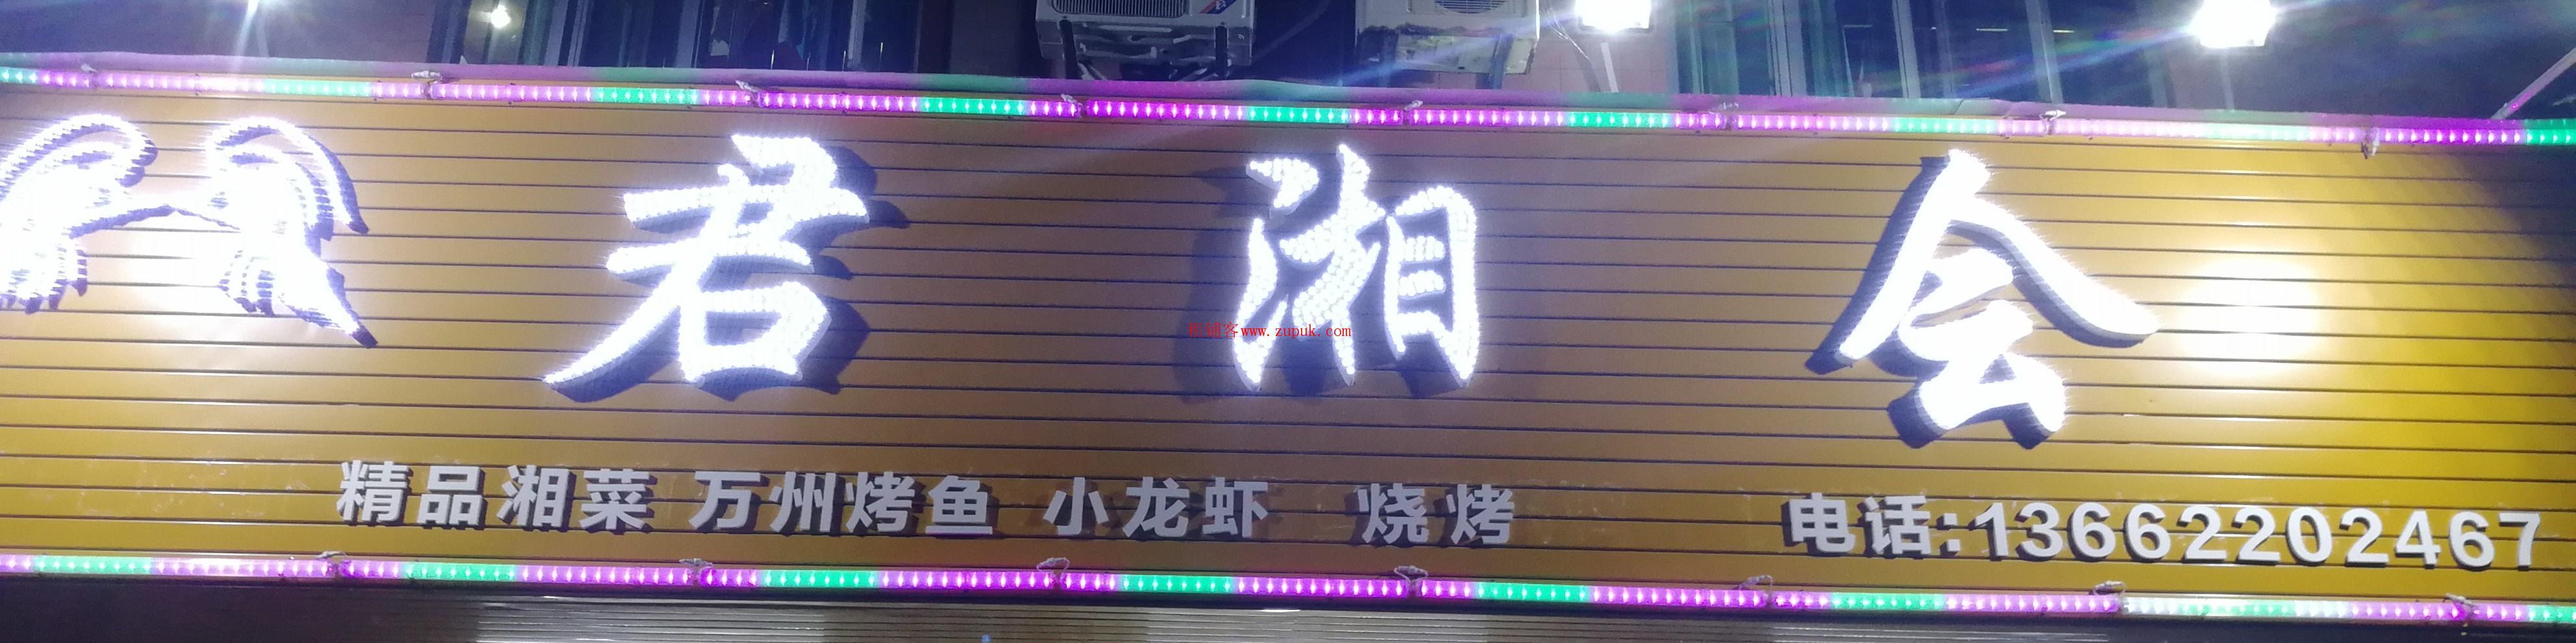 湘味小厨店铺转让